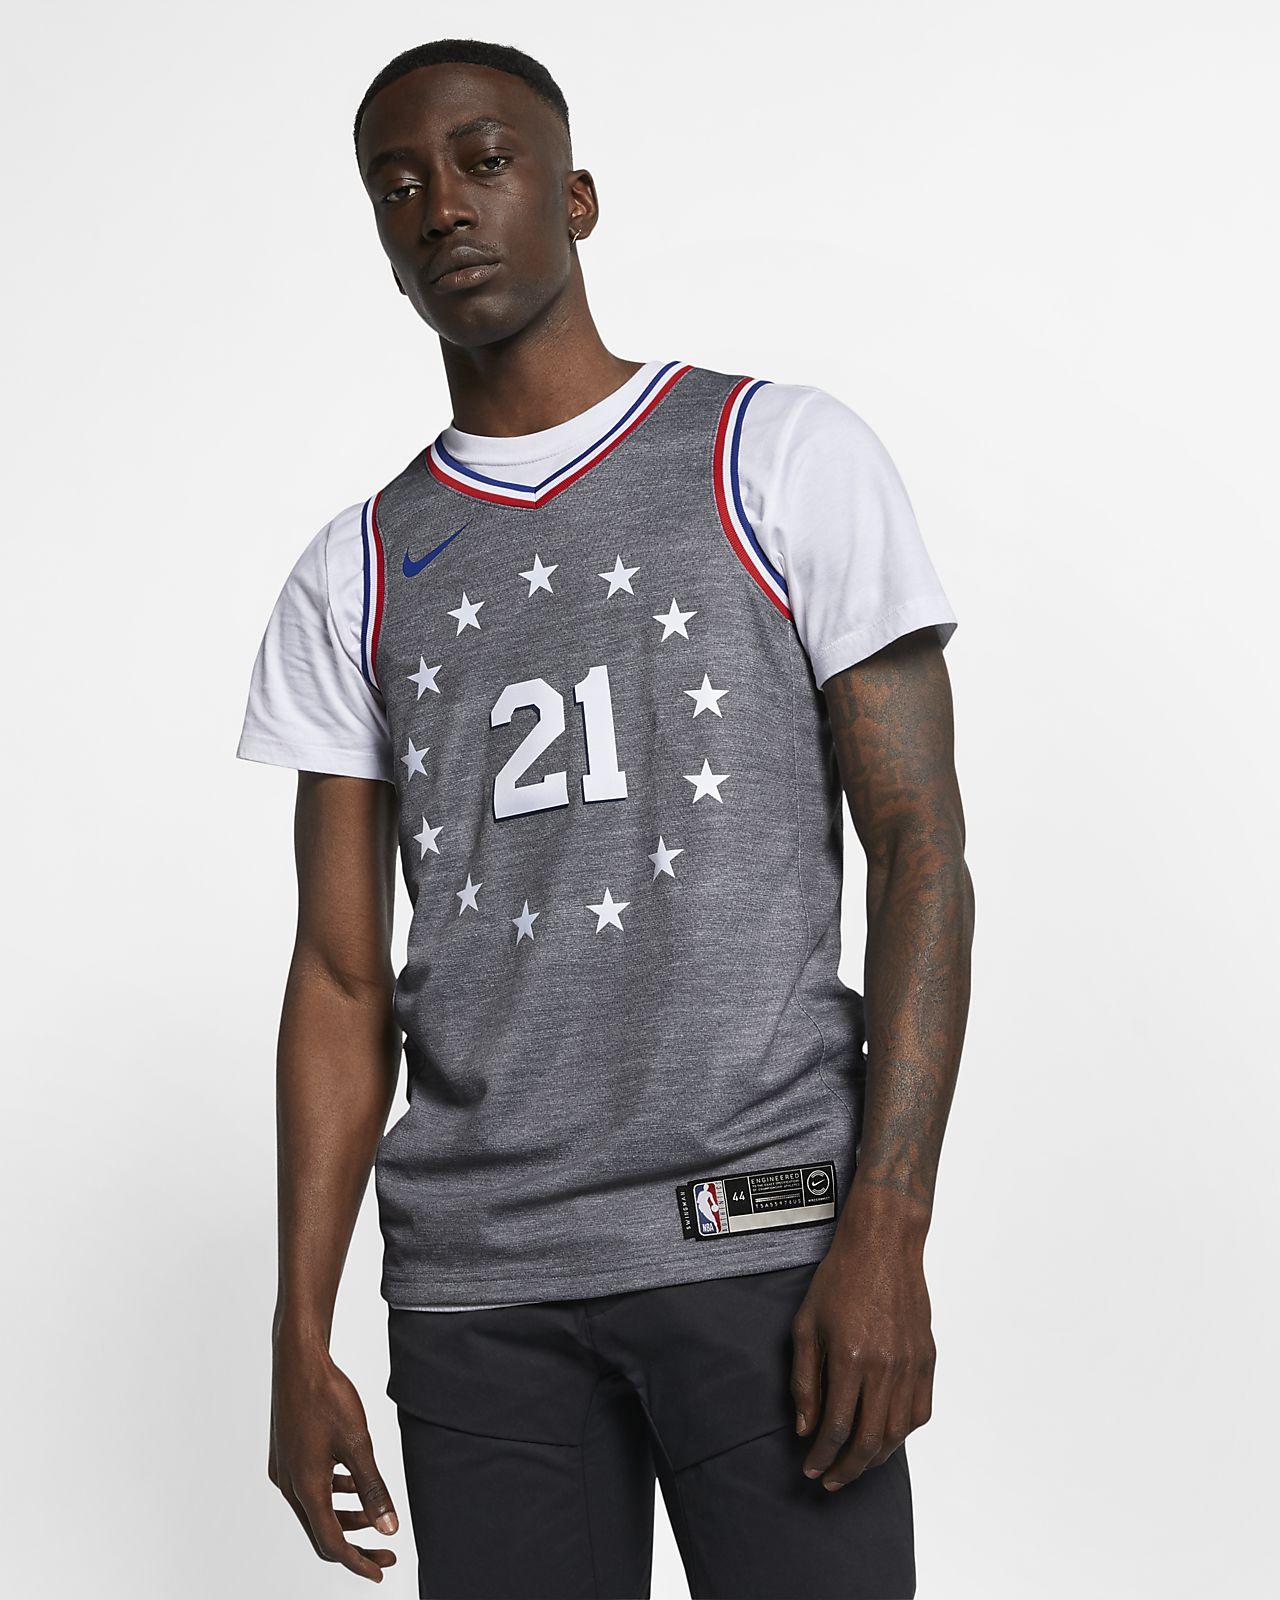 huge discount 69fd2 2acf5 Maillot connecté Nike NBA Joel Embiid City Edition Swingman (Philadelphia  76ers) pour Homme